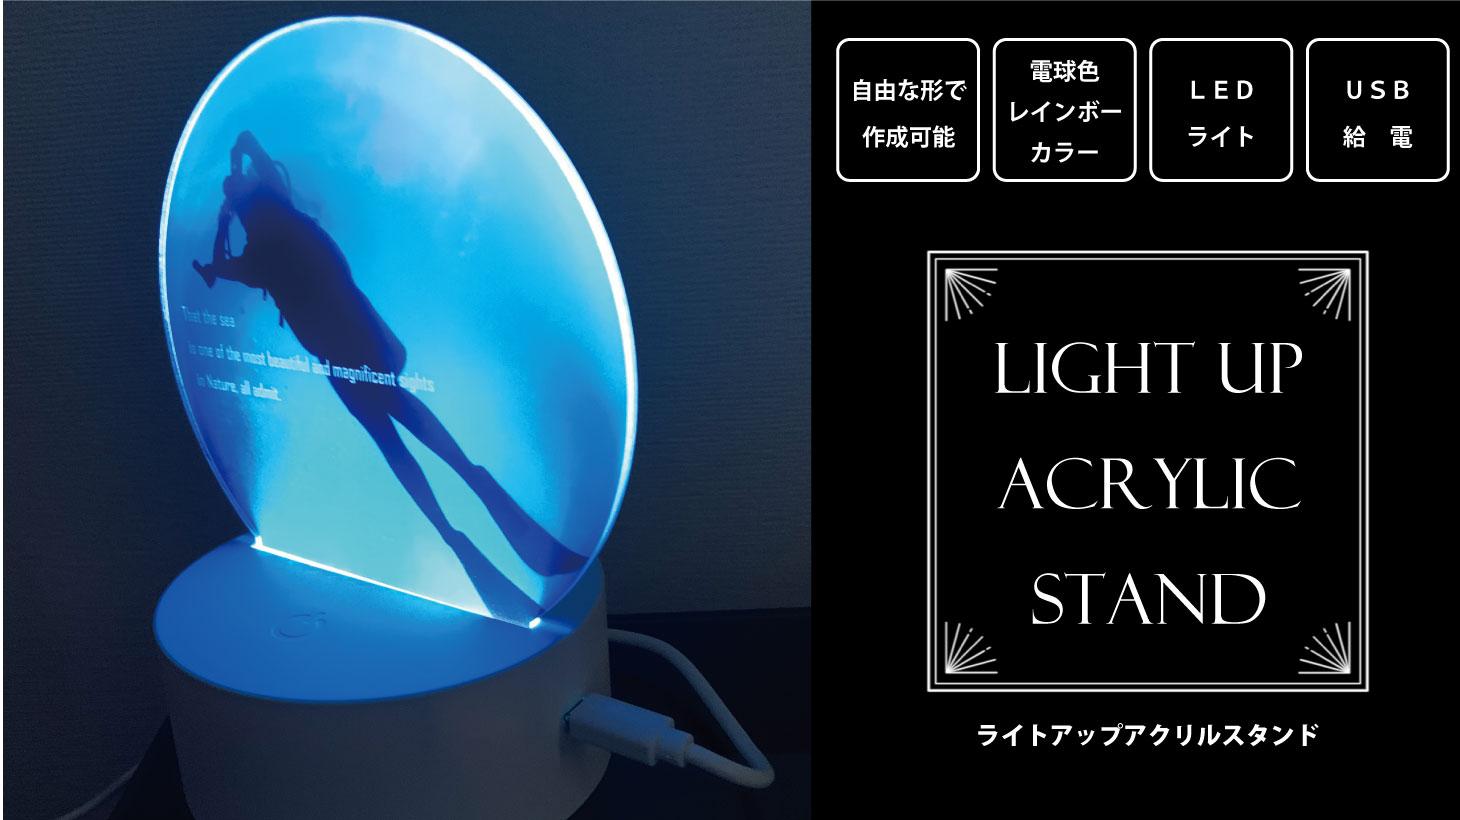 自由な形&電球色・レインボーカラー&LEDライト&USB給電「ライトアップアクリルスタンド」